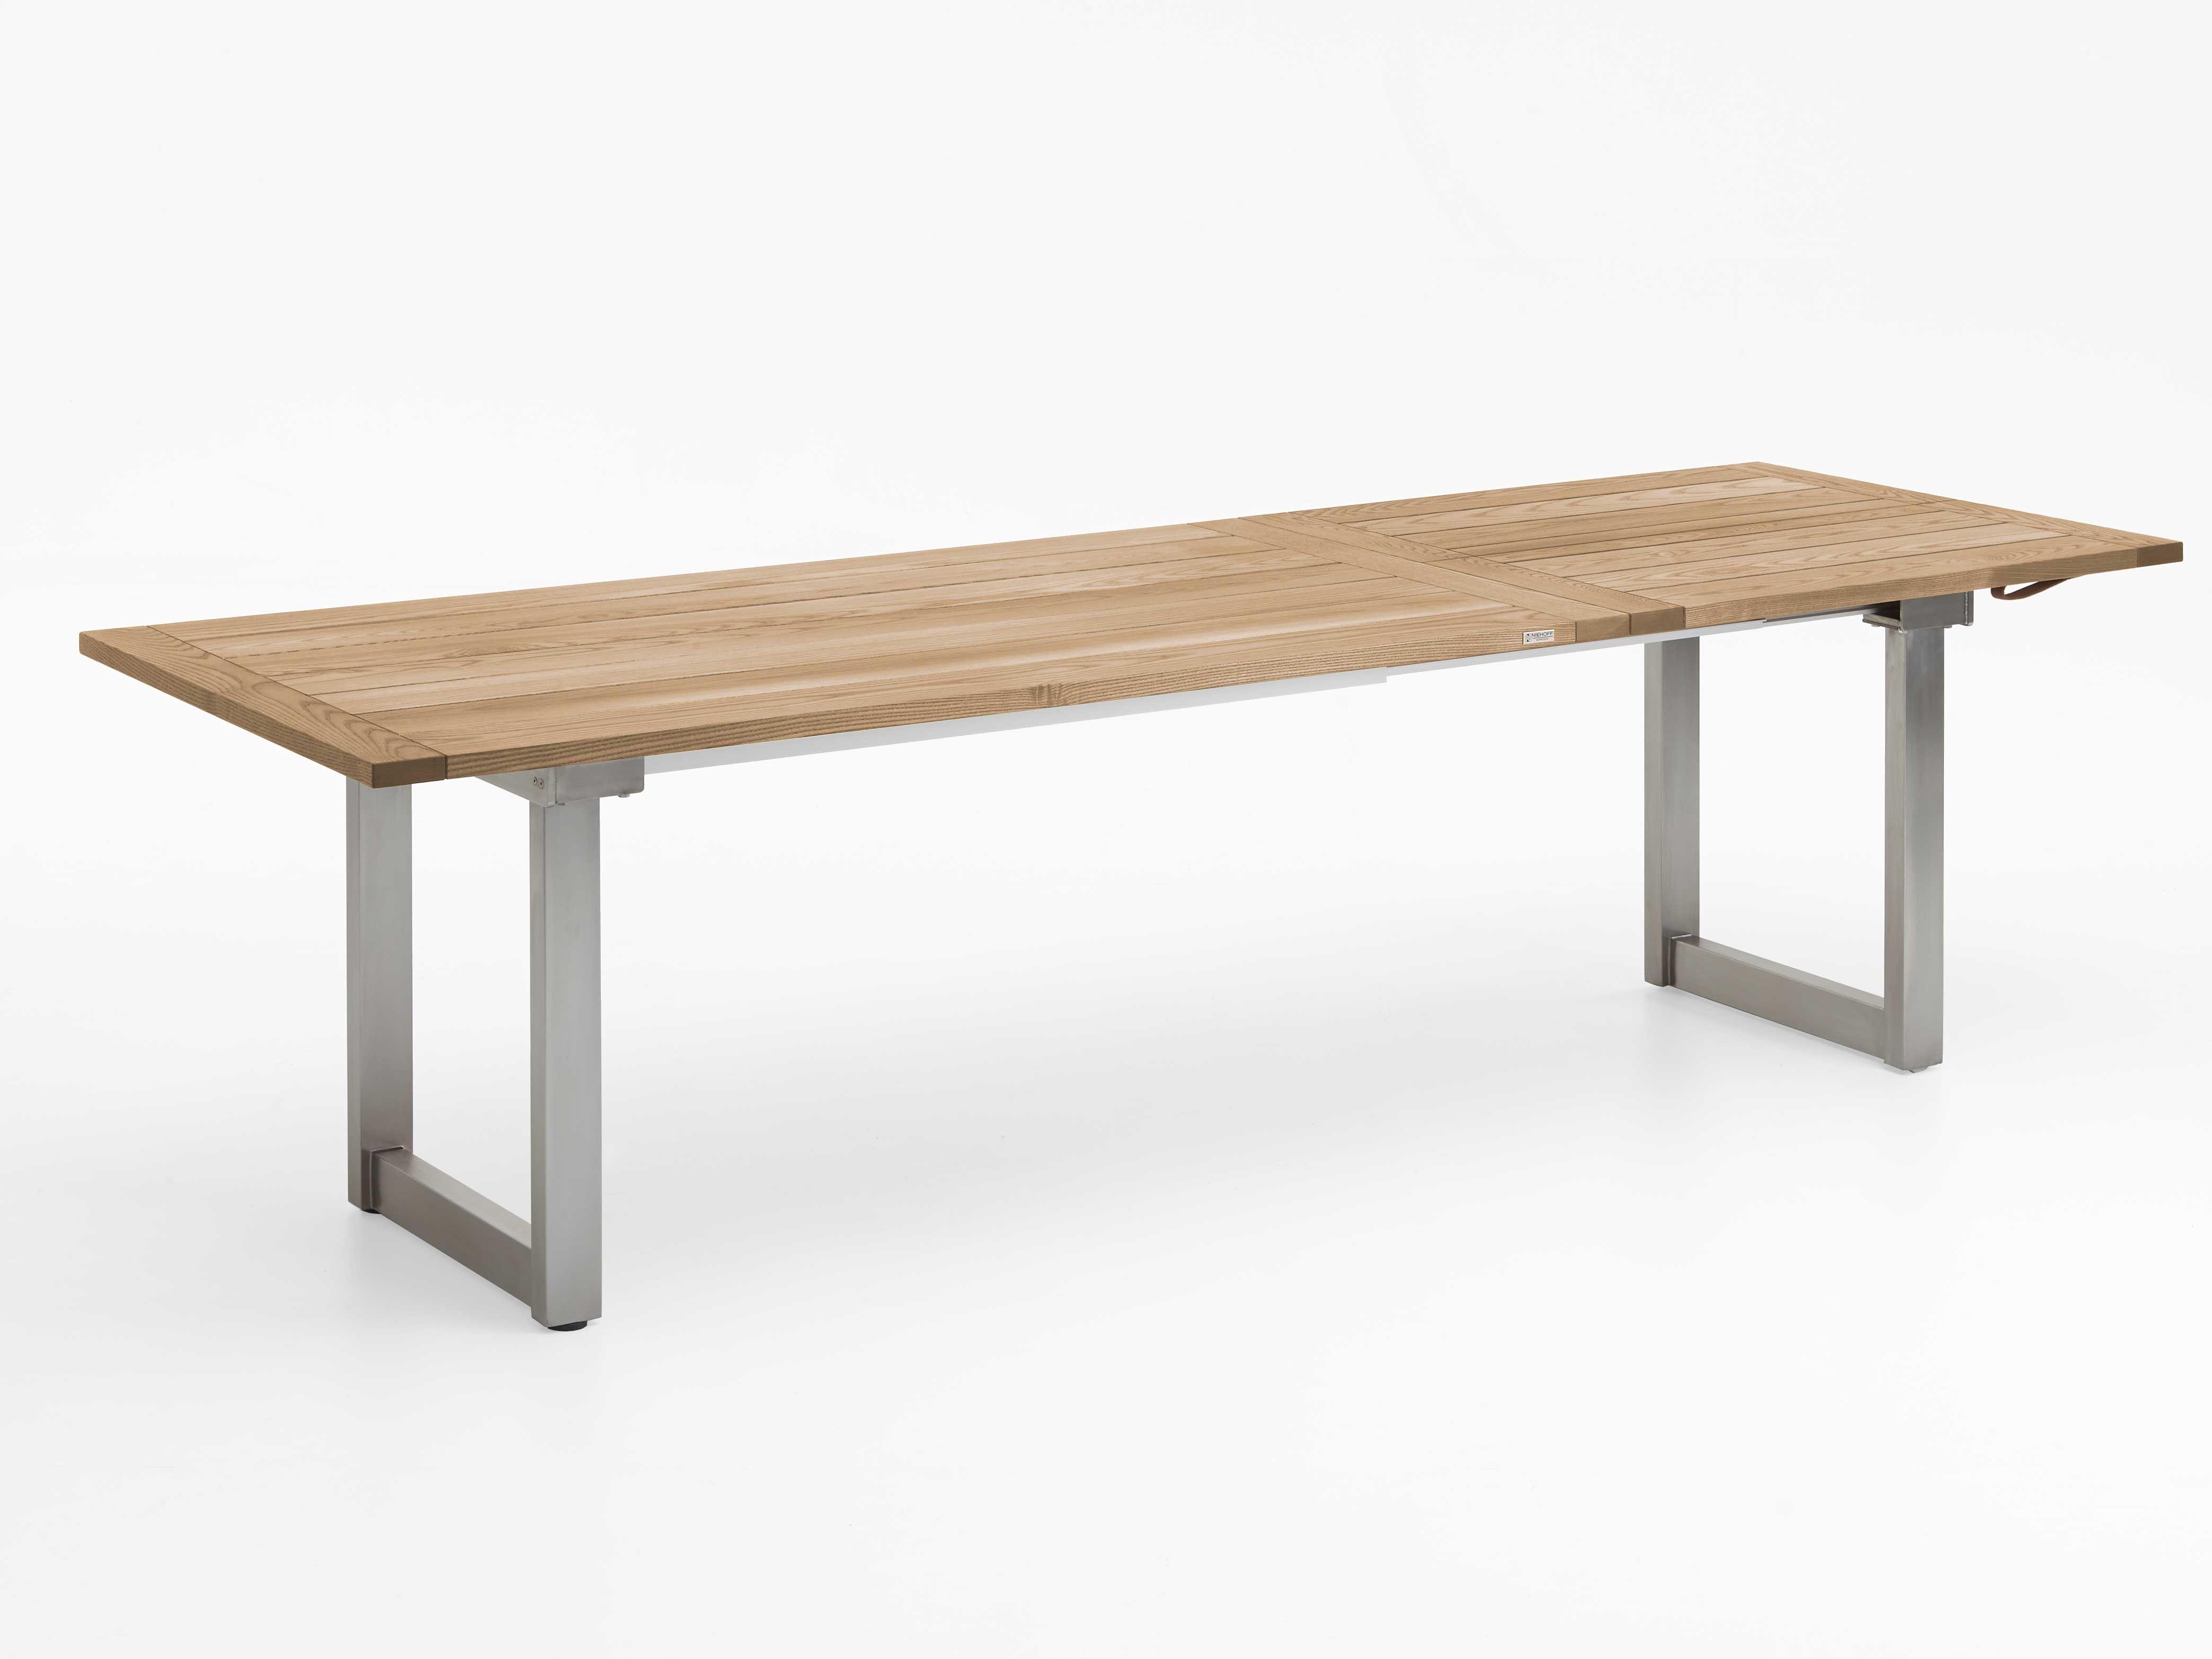 Niehoff Ausziehbarer Gartentisch Nando Teak Recycled Ausziehbarer Gartentisch Gartentisch Und Niehoff Sitzmobel